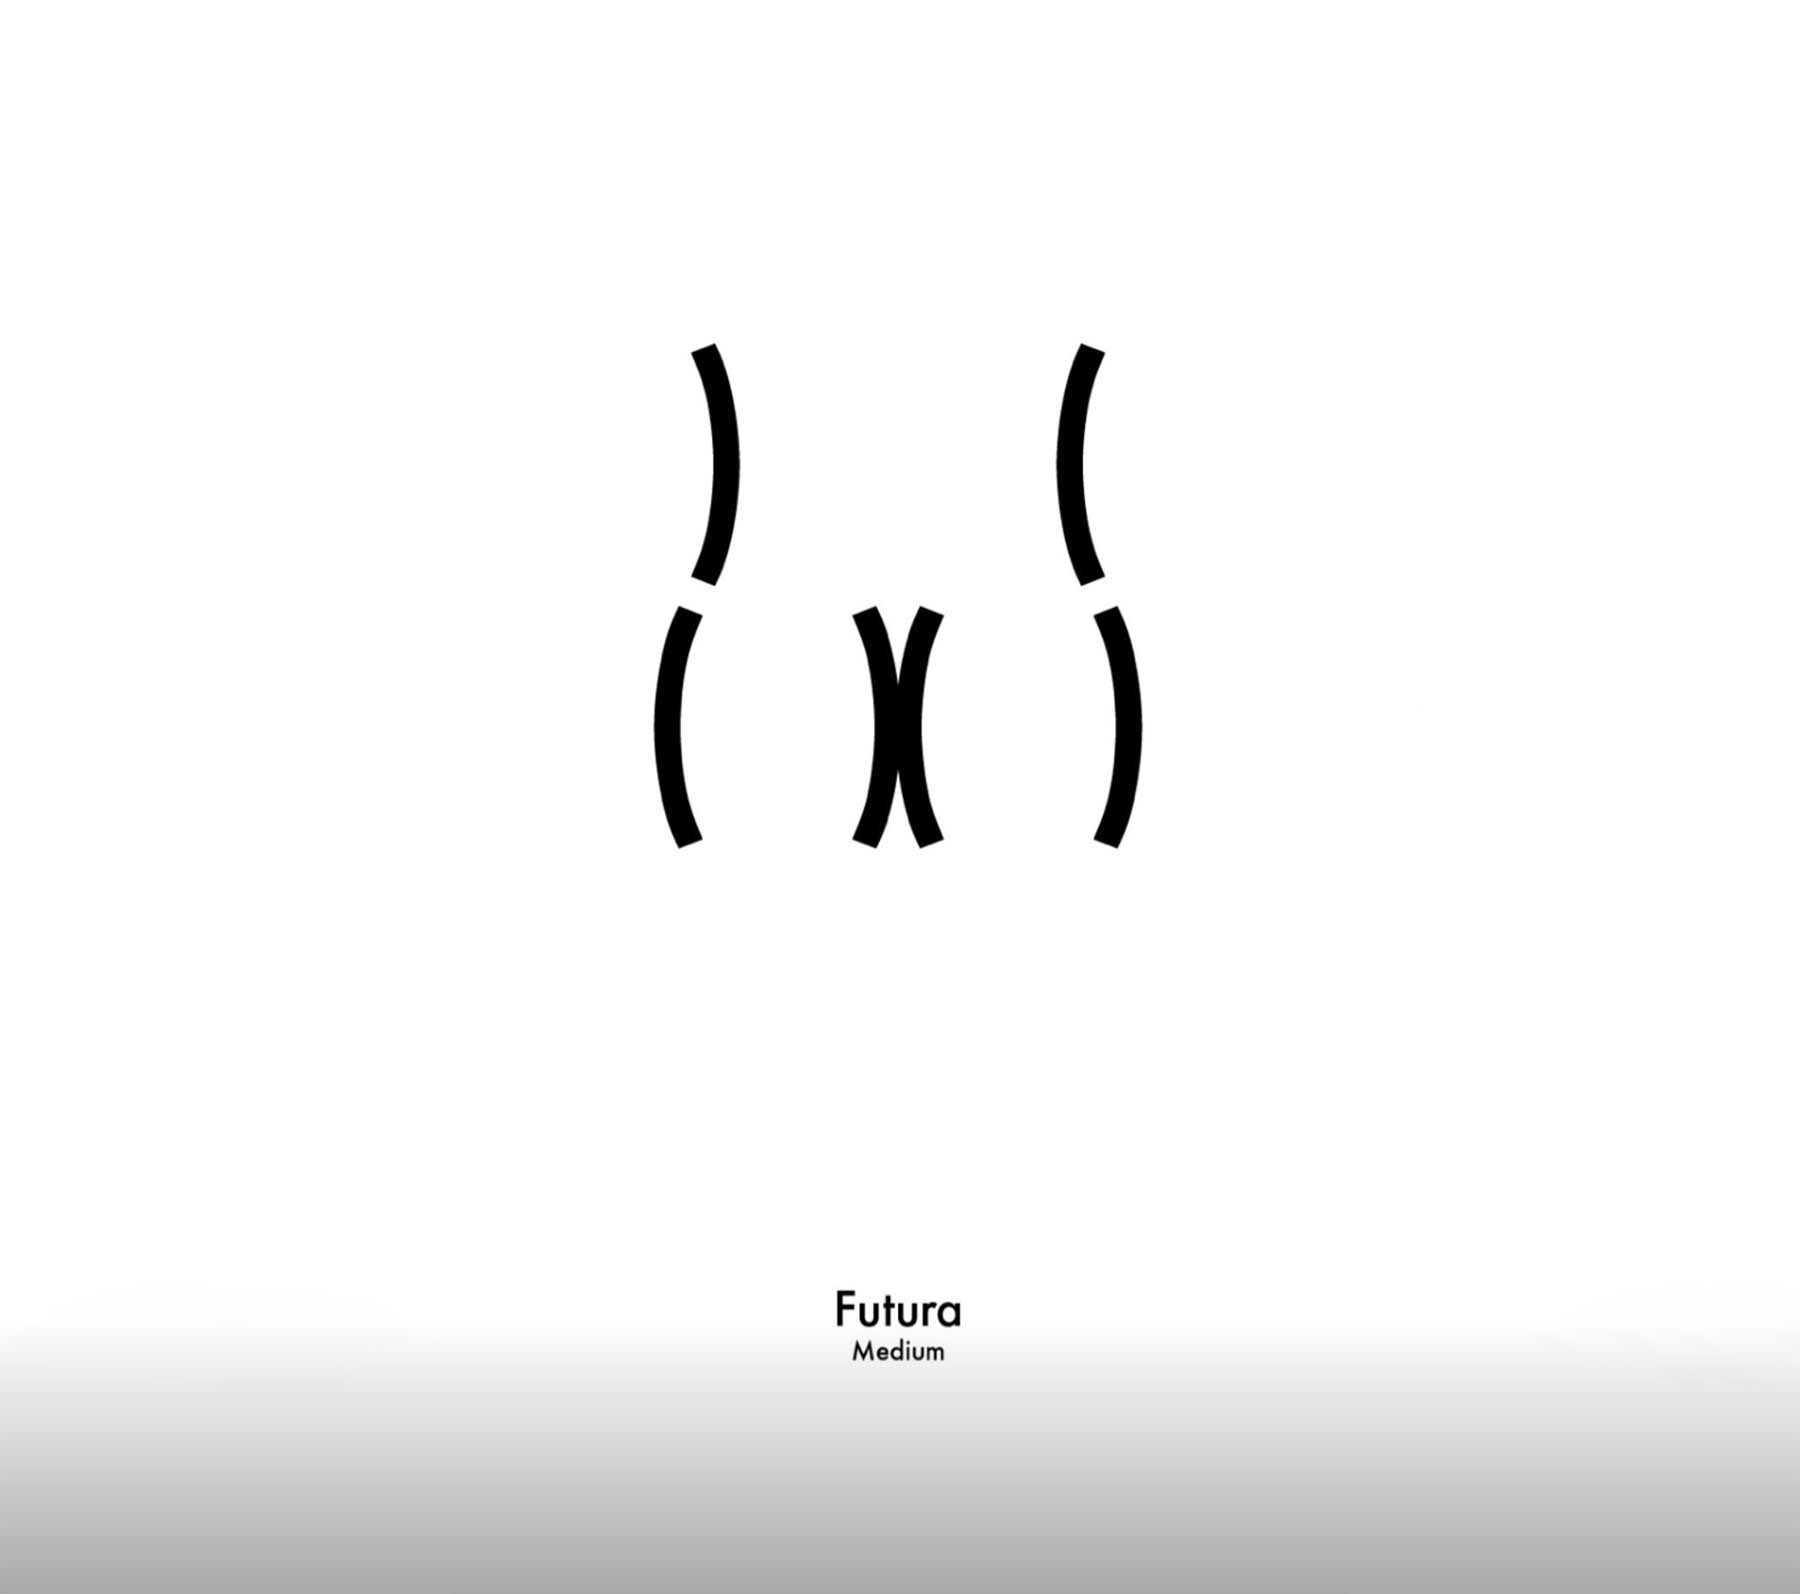 Zeichen-Hintern in unterschiedlichen Schriftarten Viktor-Hertz-butt-types_11